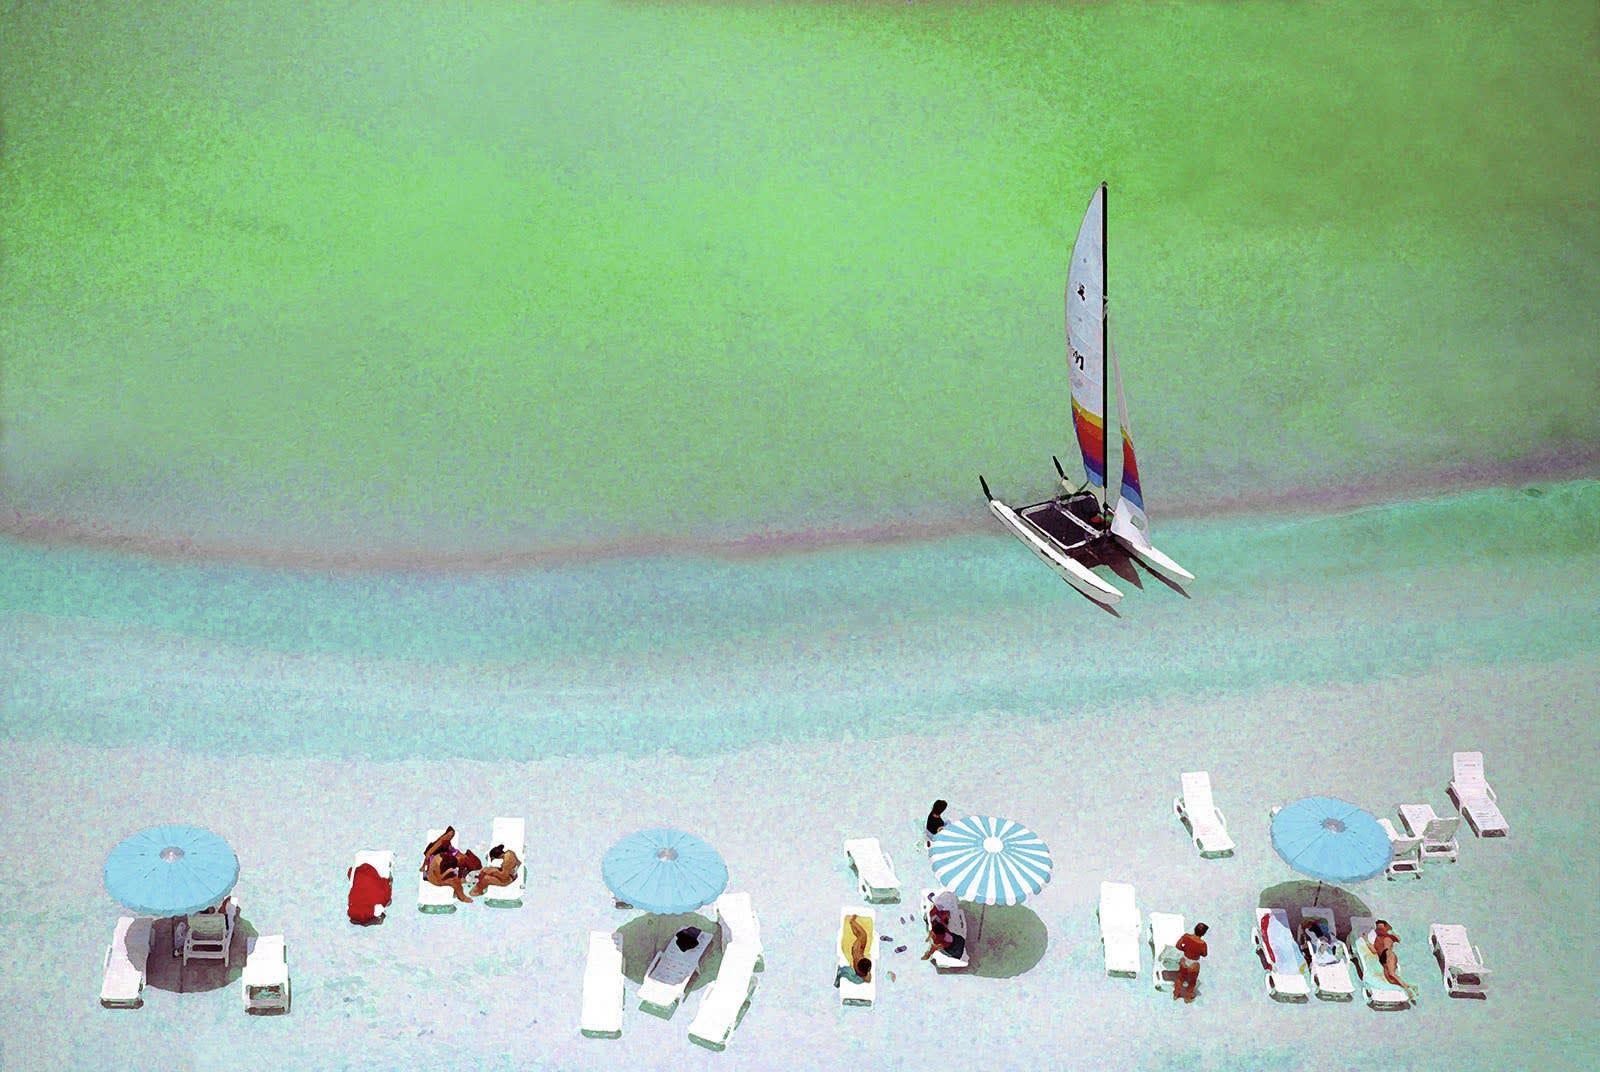 Alain Lacki, La plage, 2006